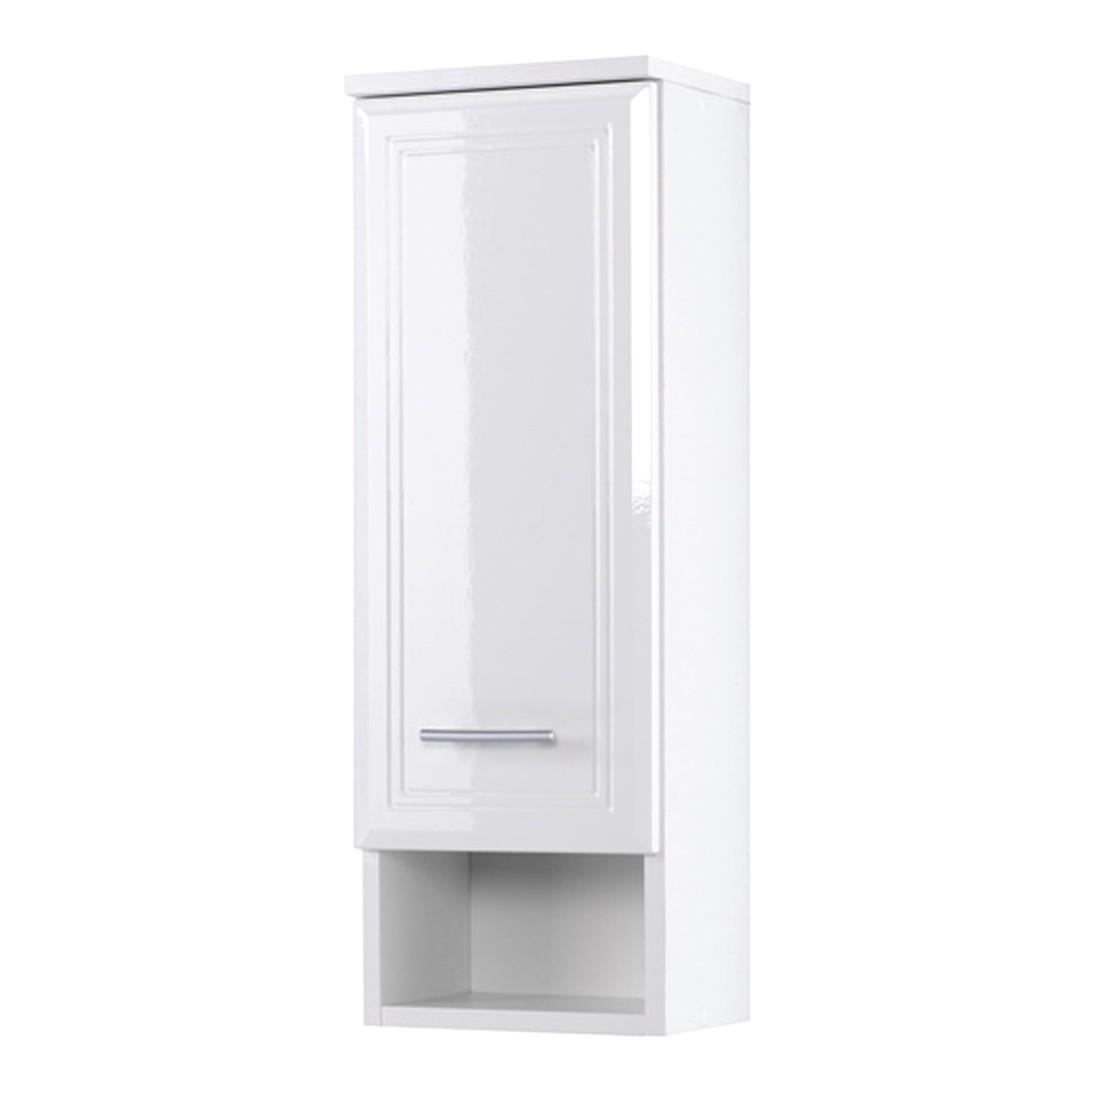 Hangkast Poseidon   wit   1 deur   wit_ Giessbach